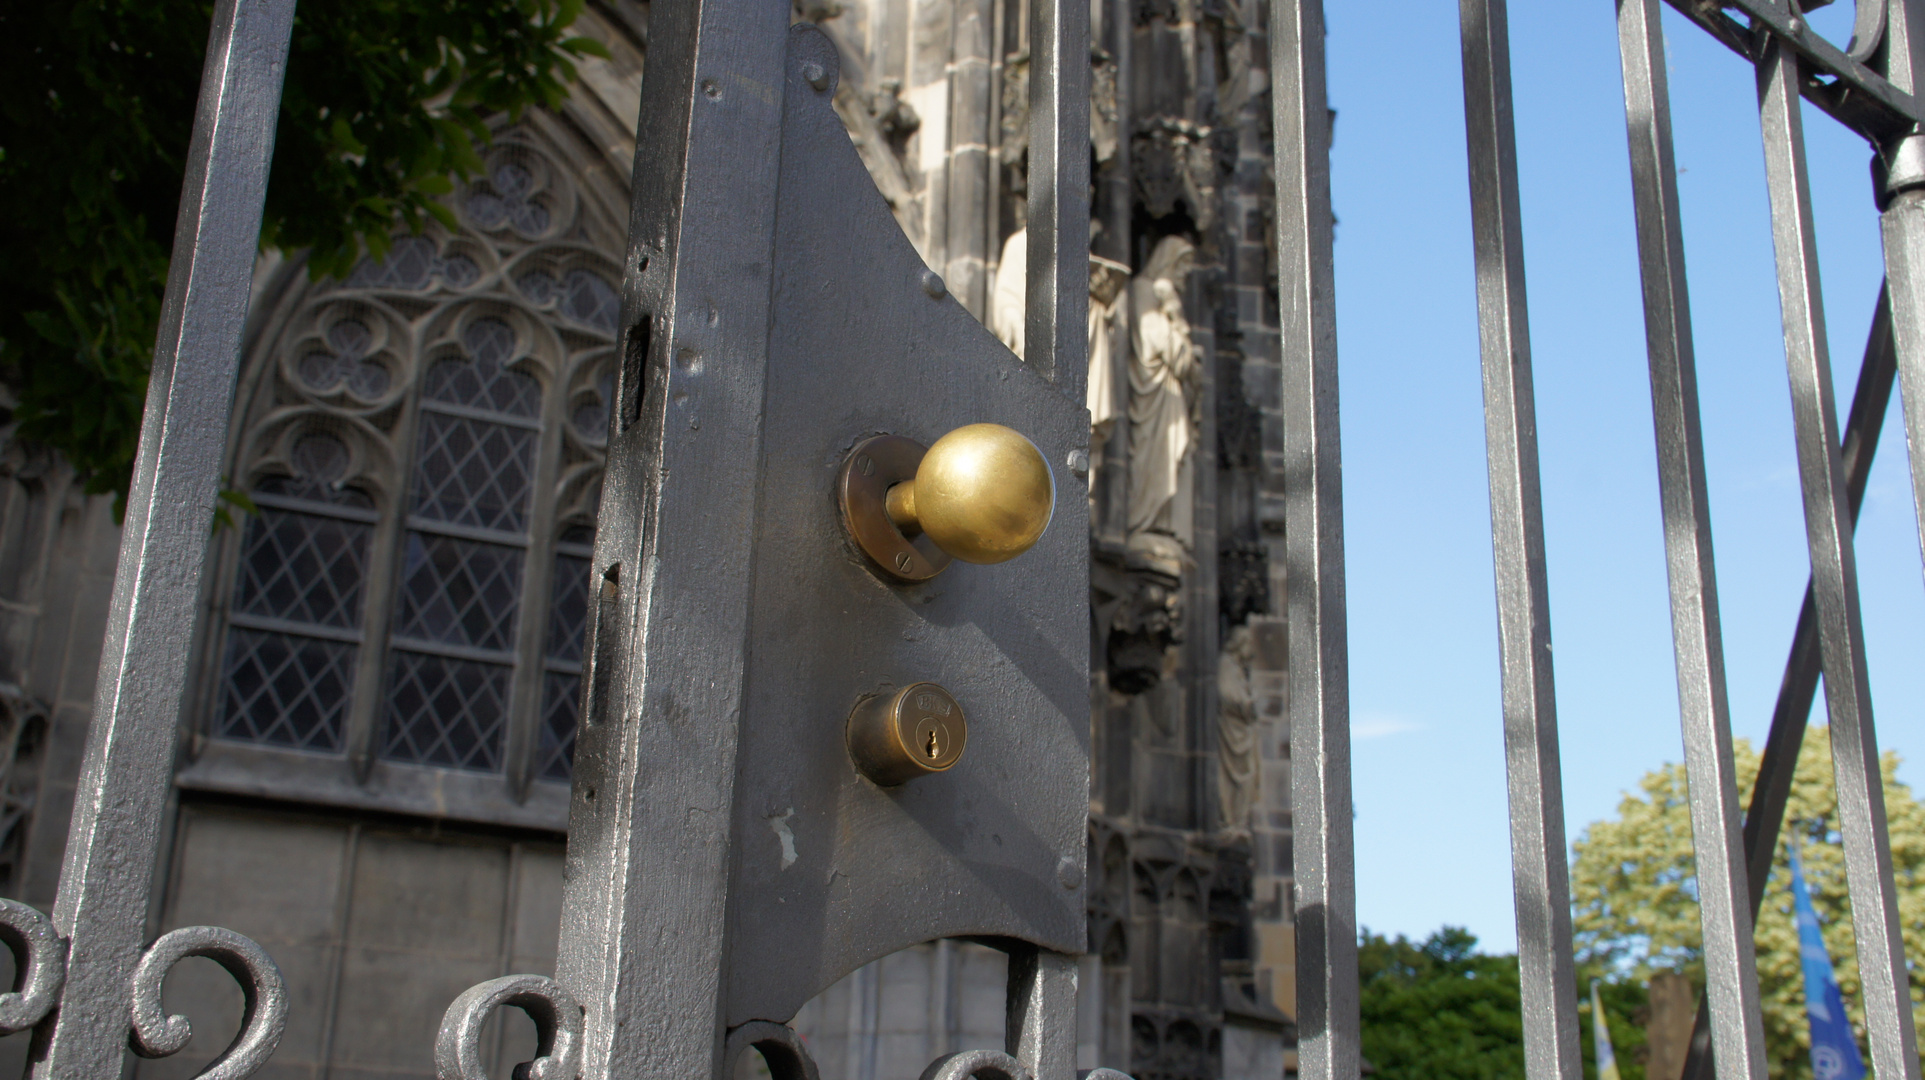 Kirchen dürfen keine verschlossenen Türen haben.